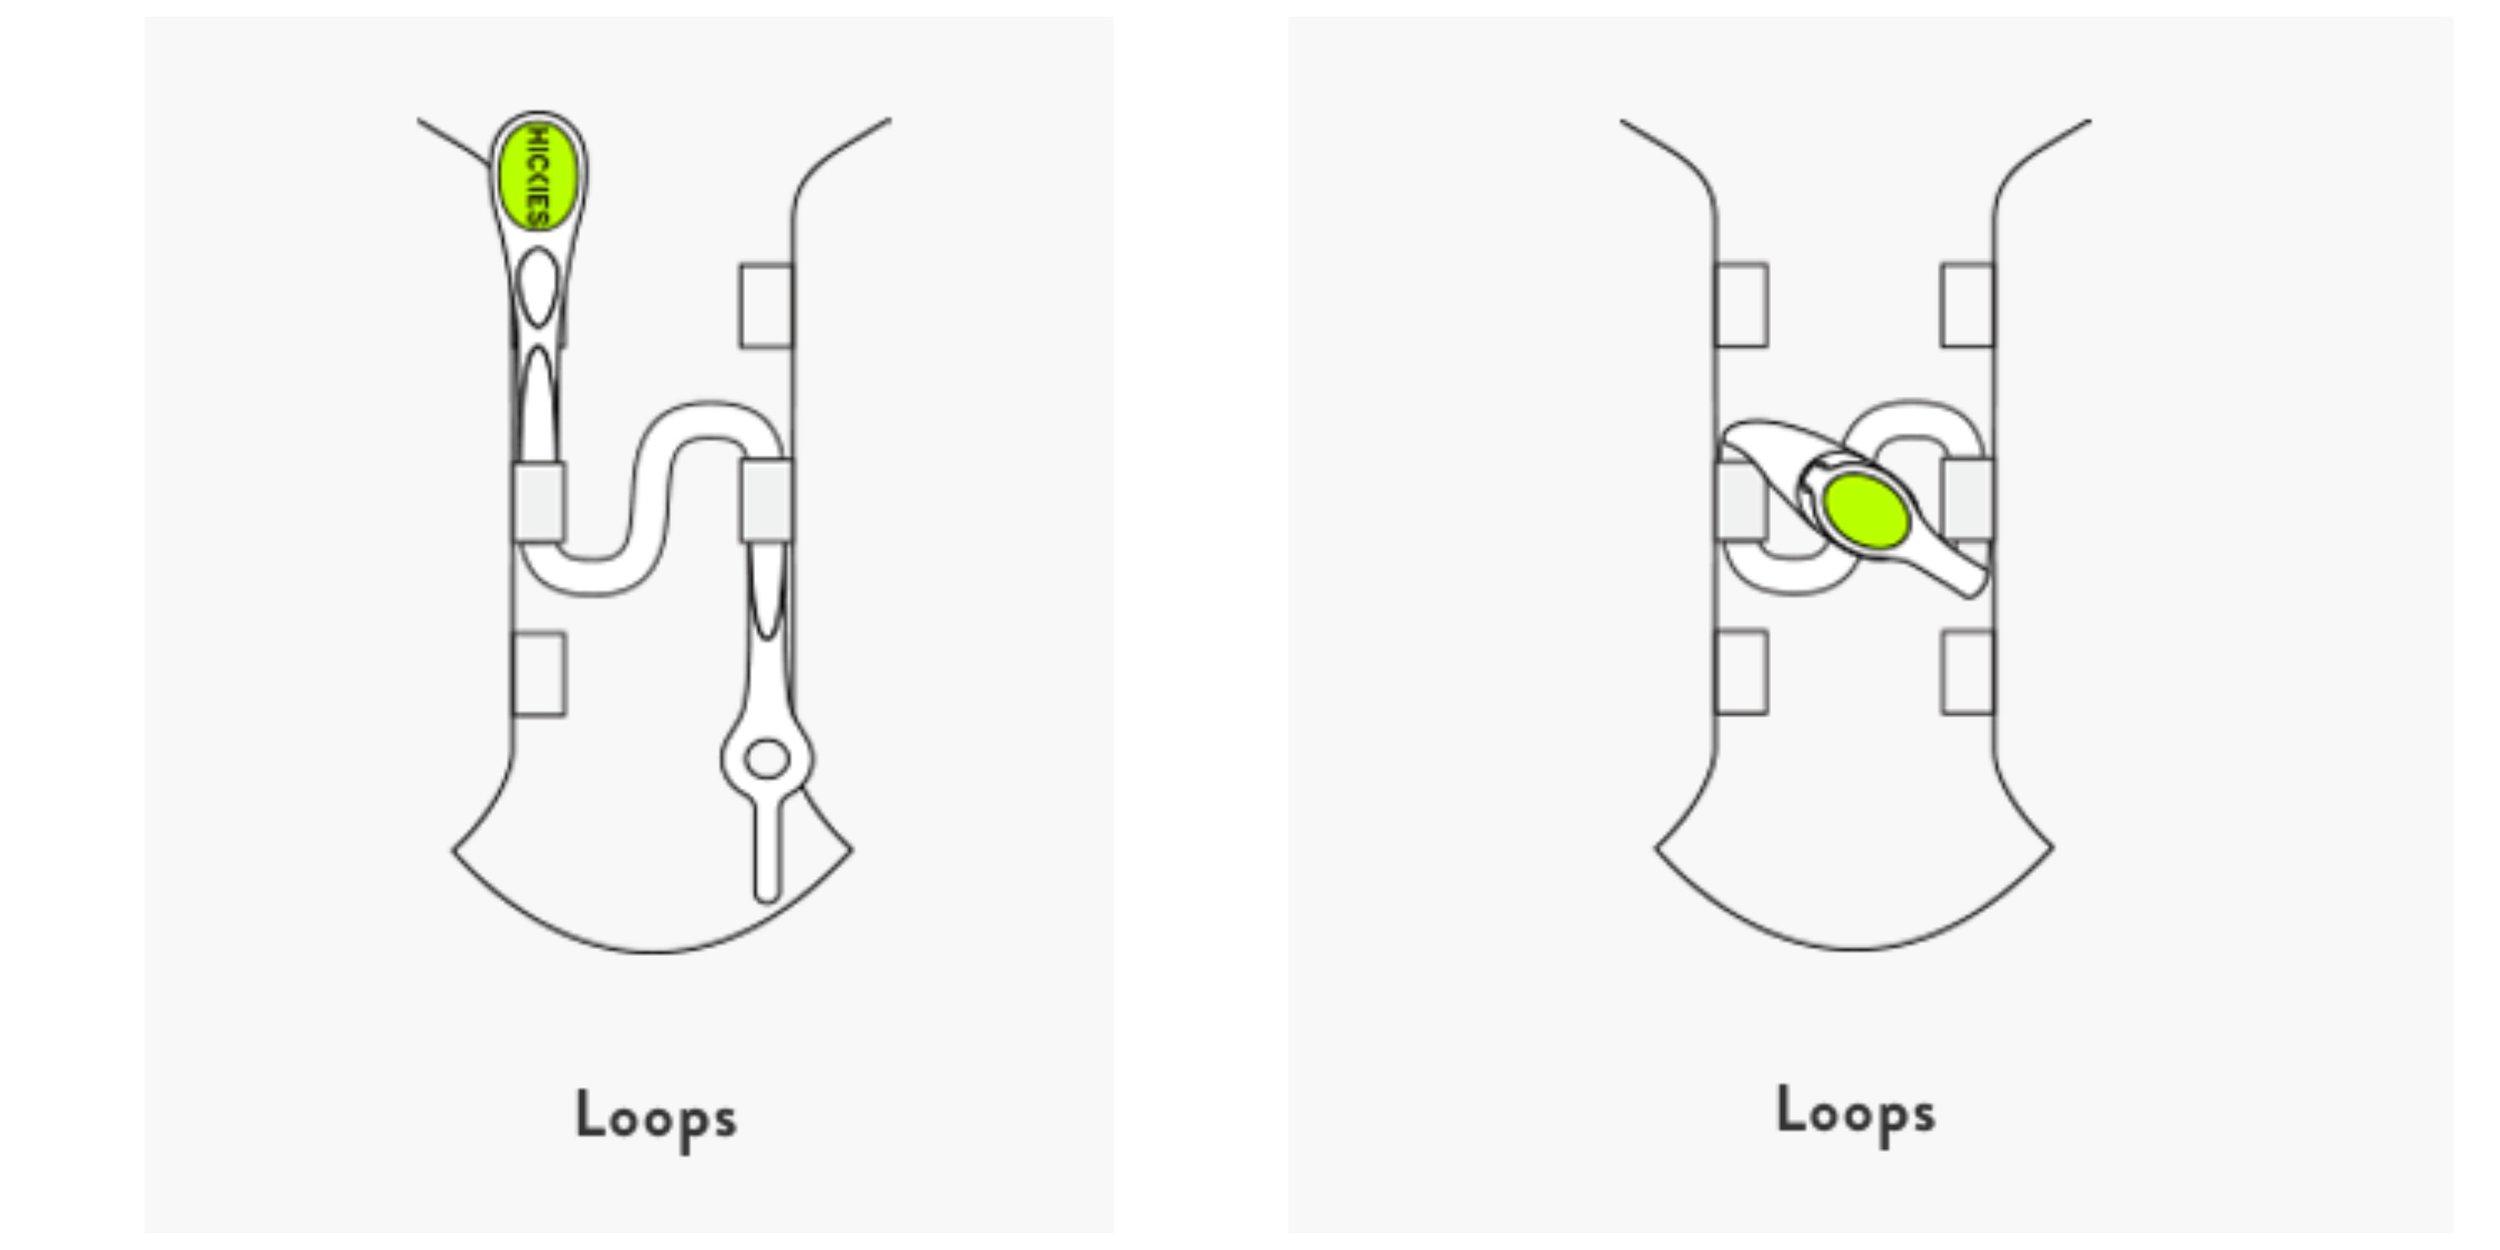 Loops.jpg